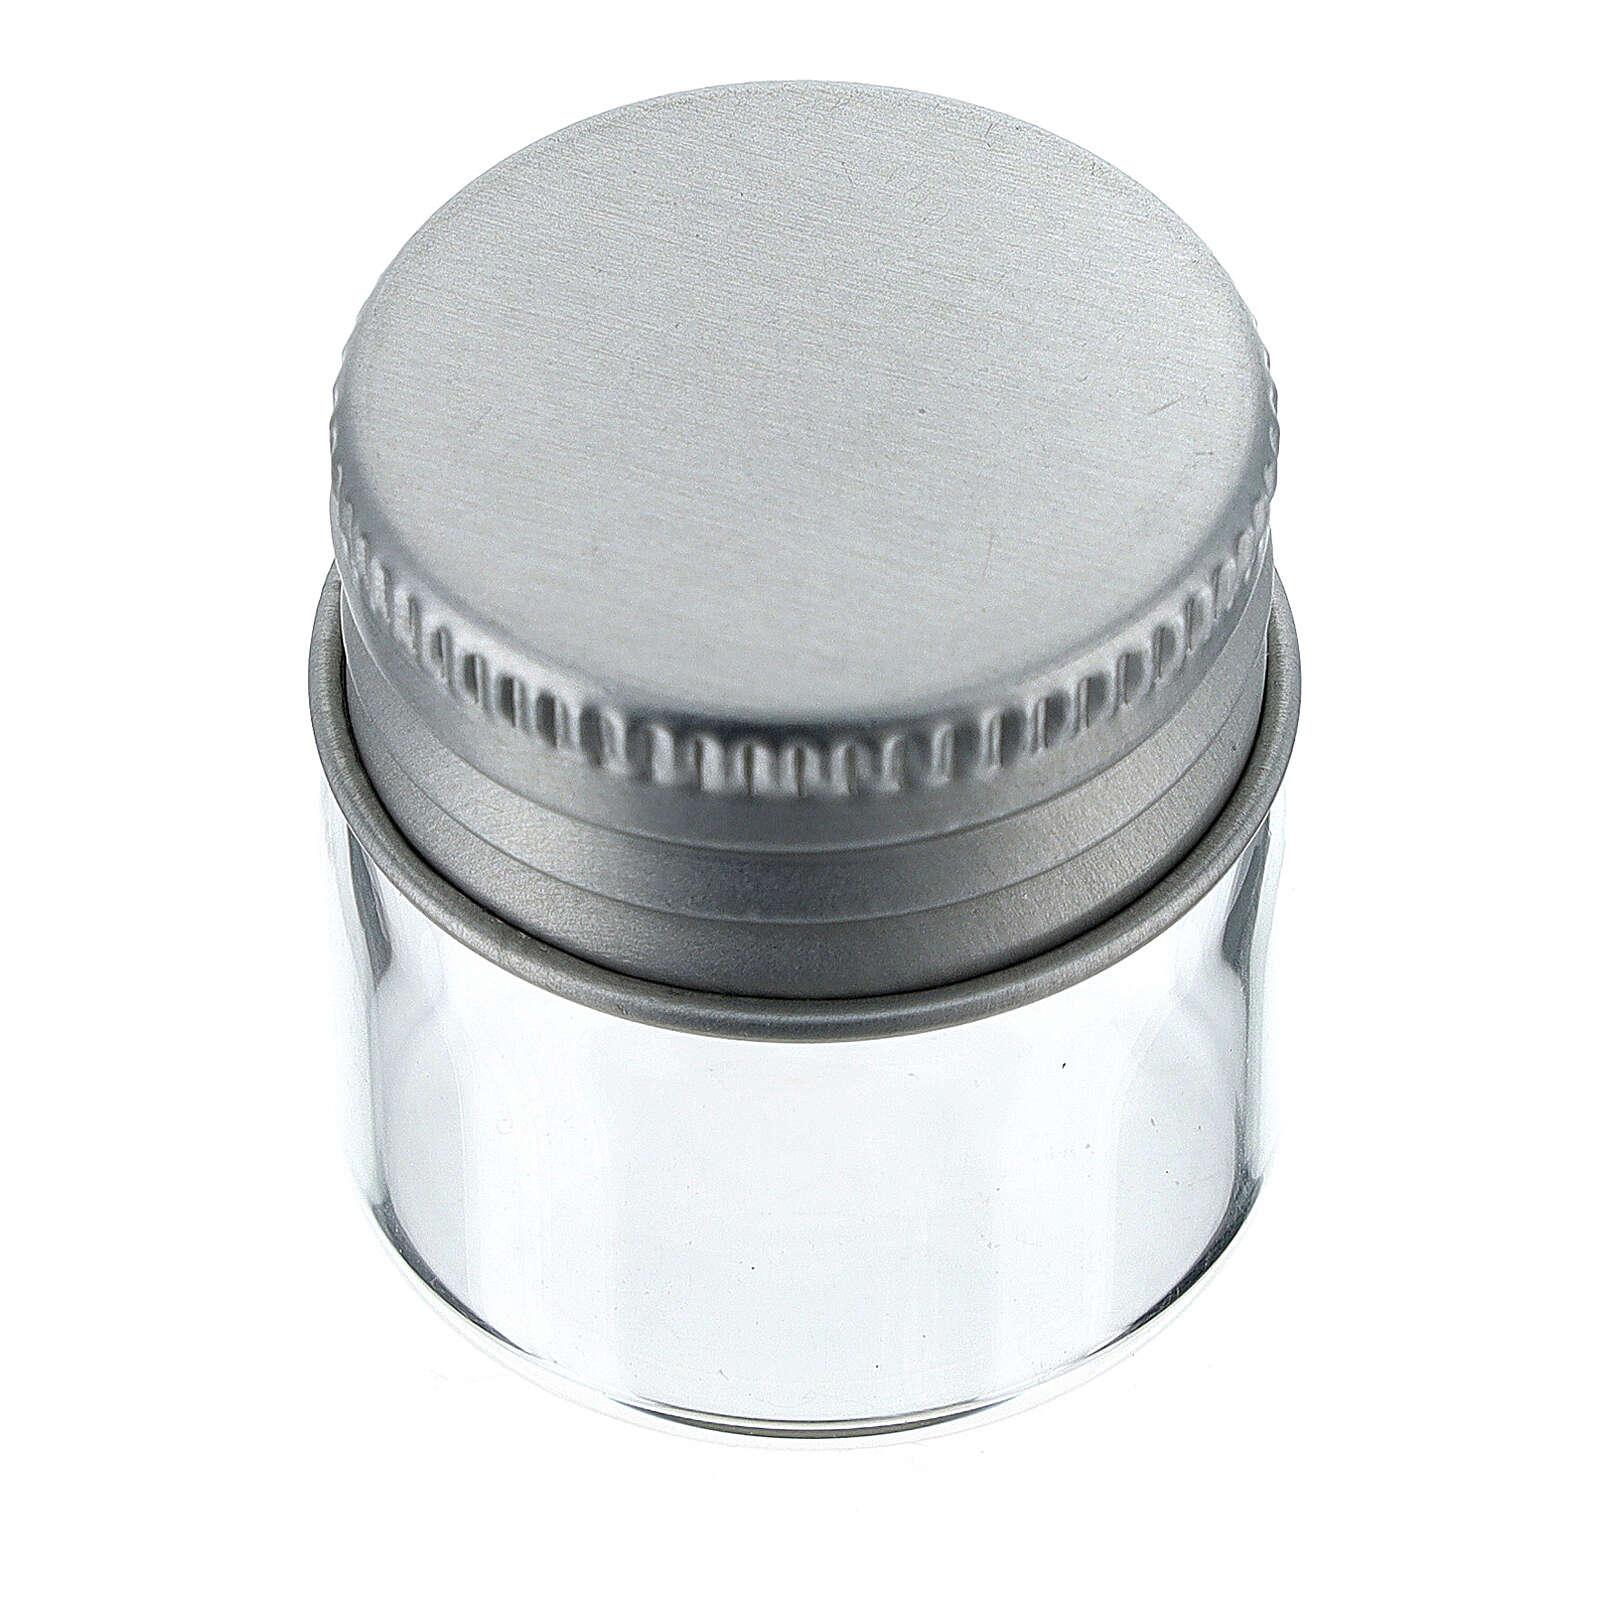 Pot porte-chapelet grains 3-4 mm 4